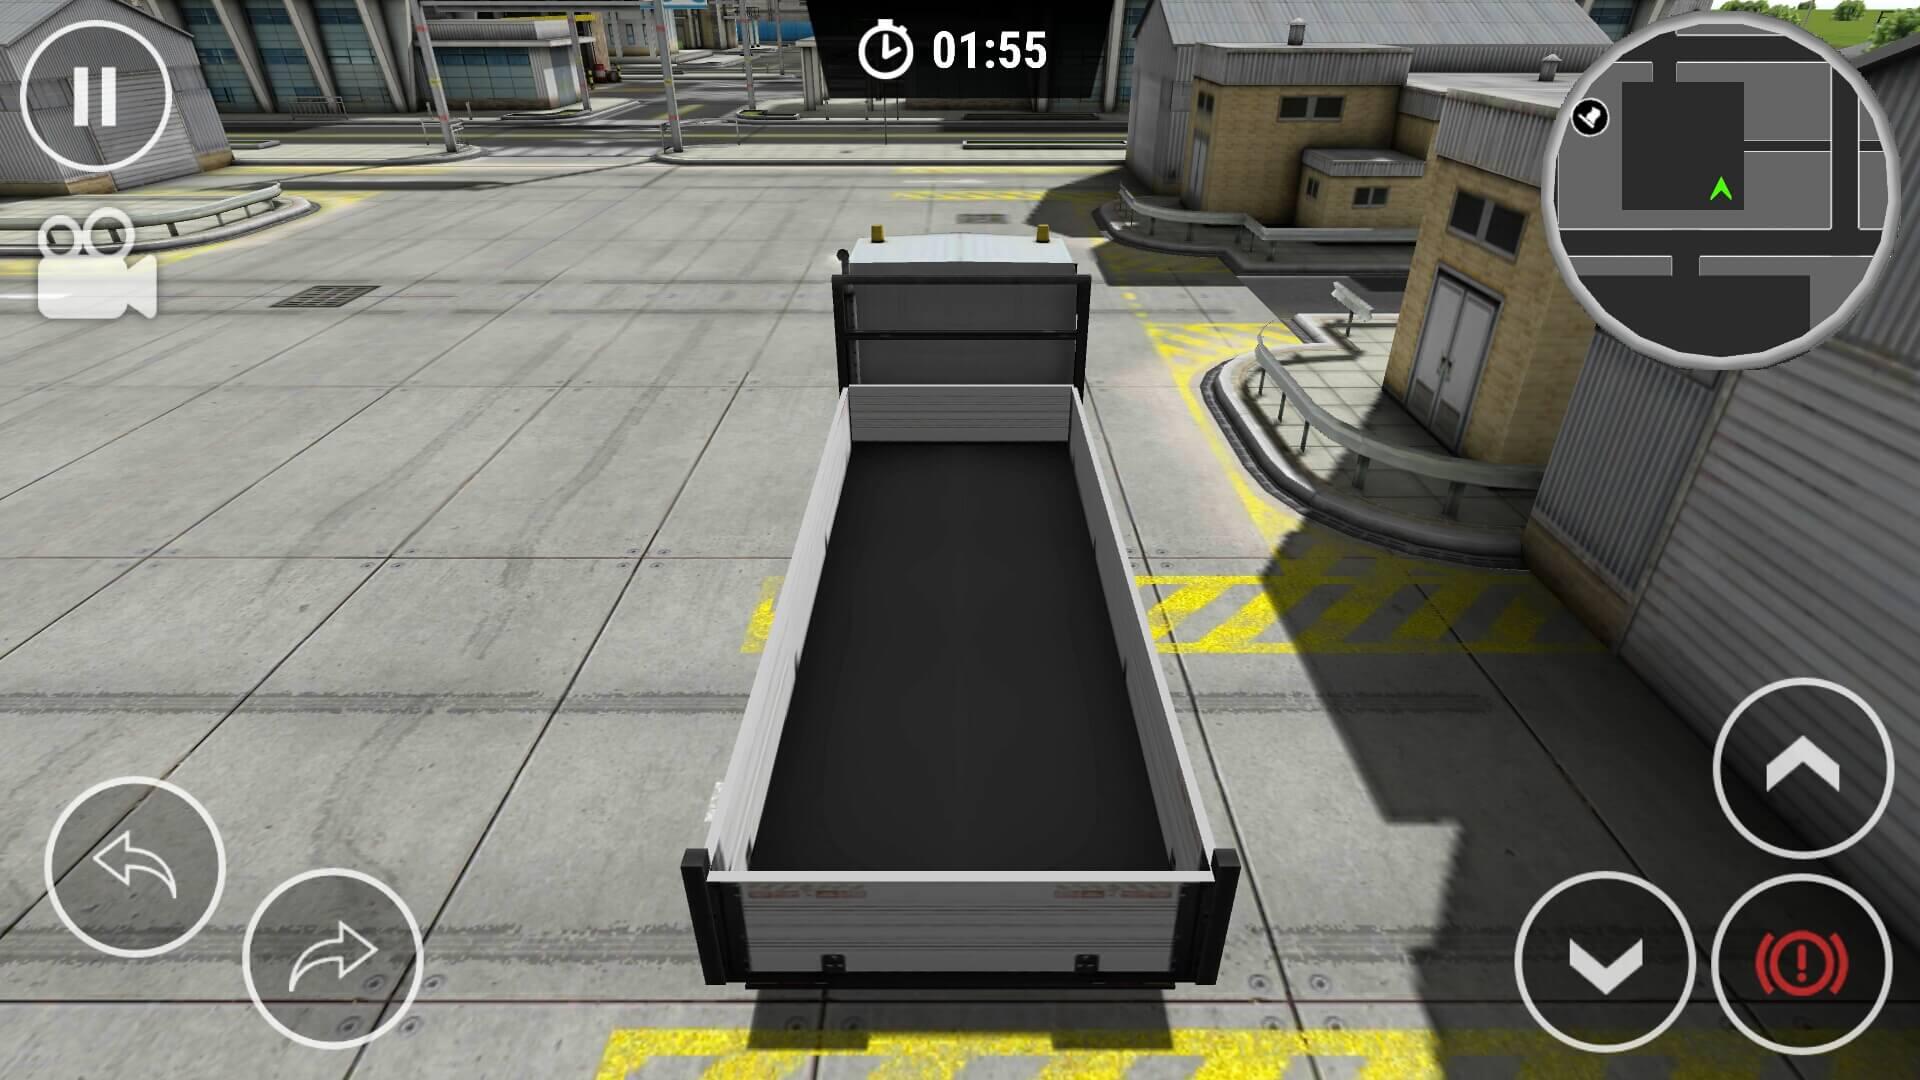 Drive Simulator empty delivery truck